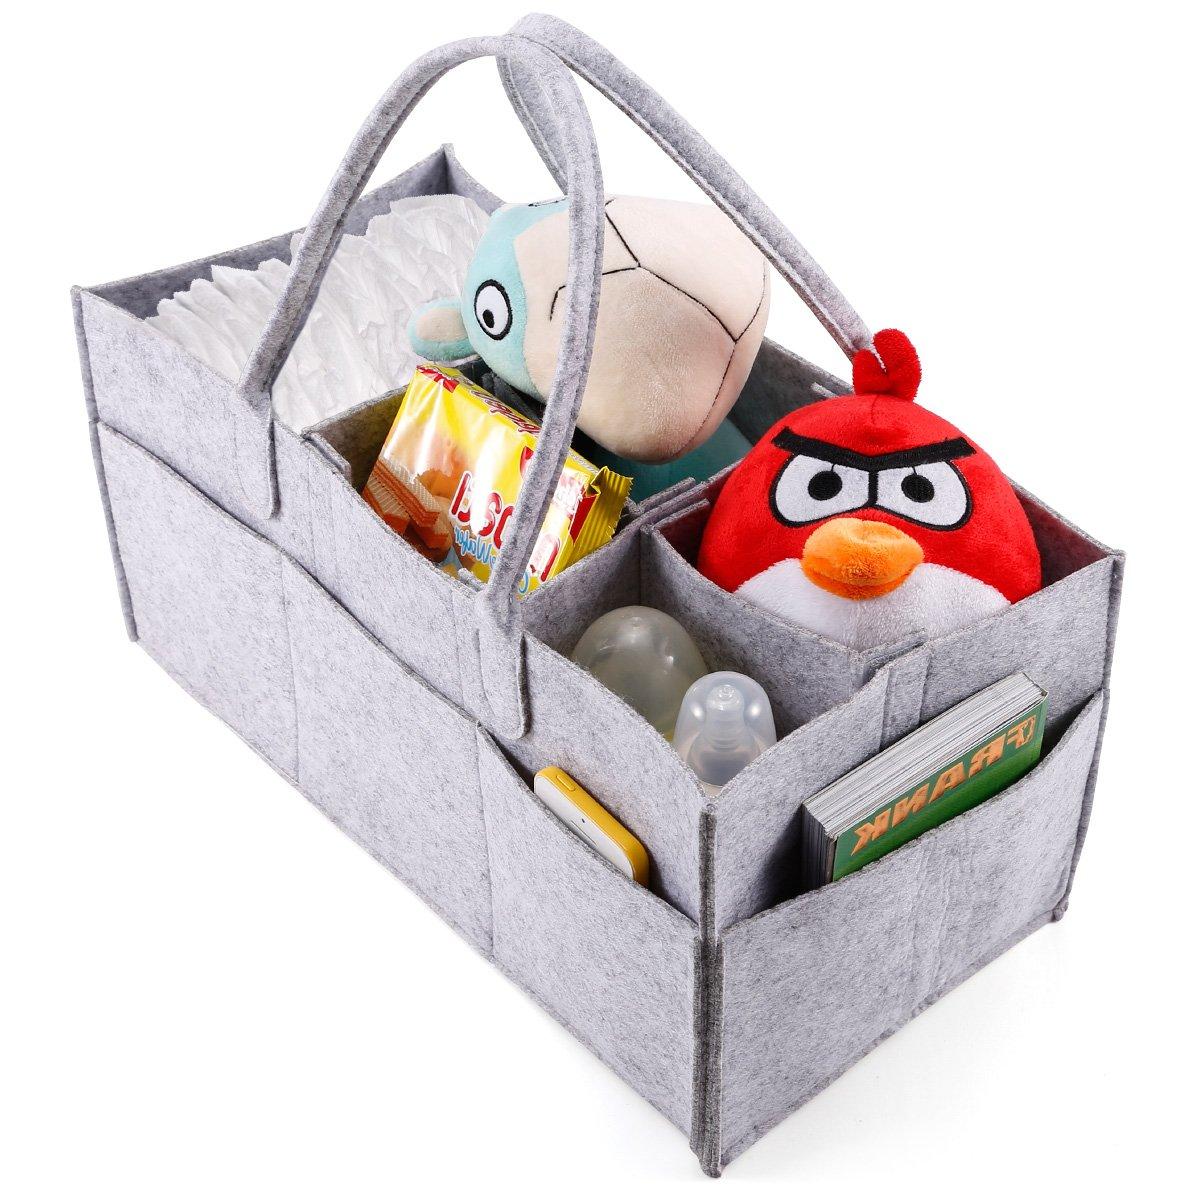 5Fächer tragbar Baby Organizer Tasche Windel Windel Flasche Wickeltasche Trennwand Aufbewahrungsbox Handtasche grau Anladia